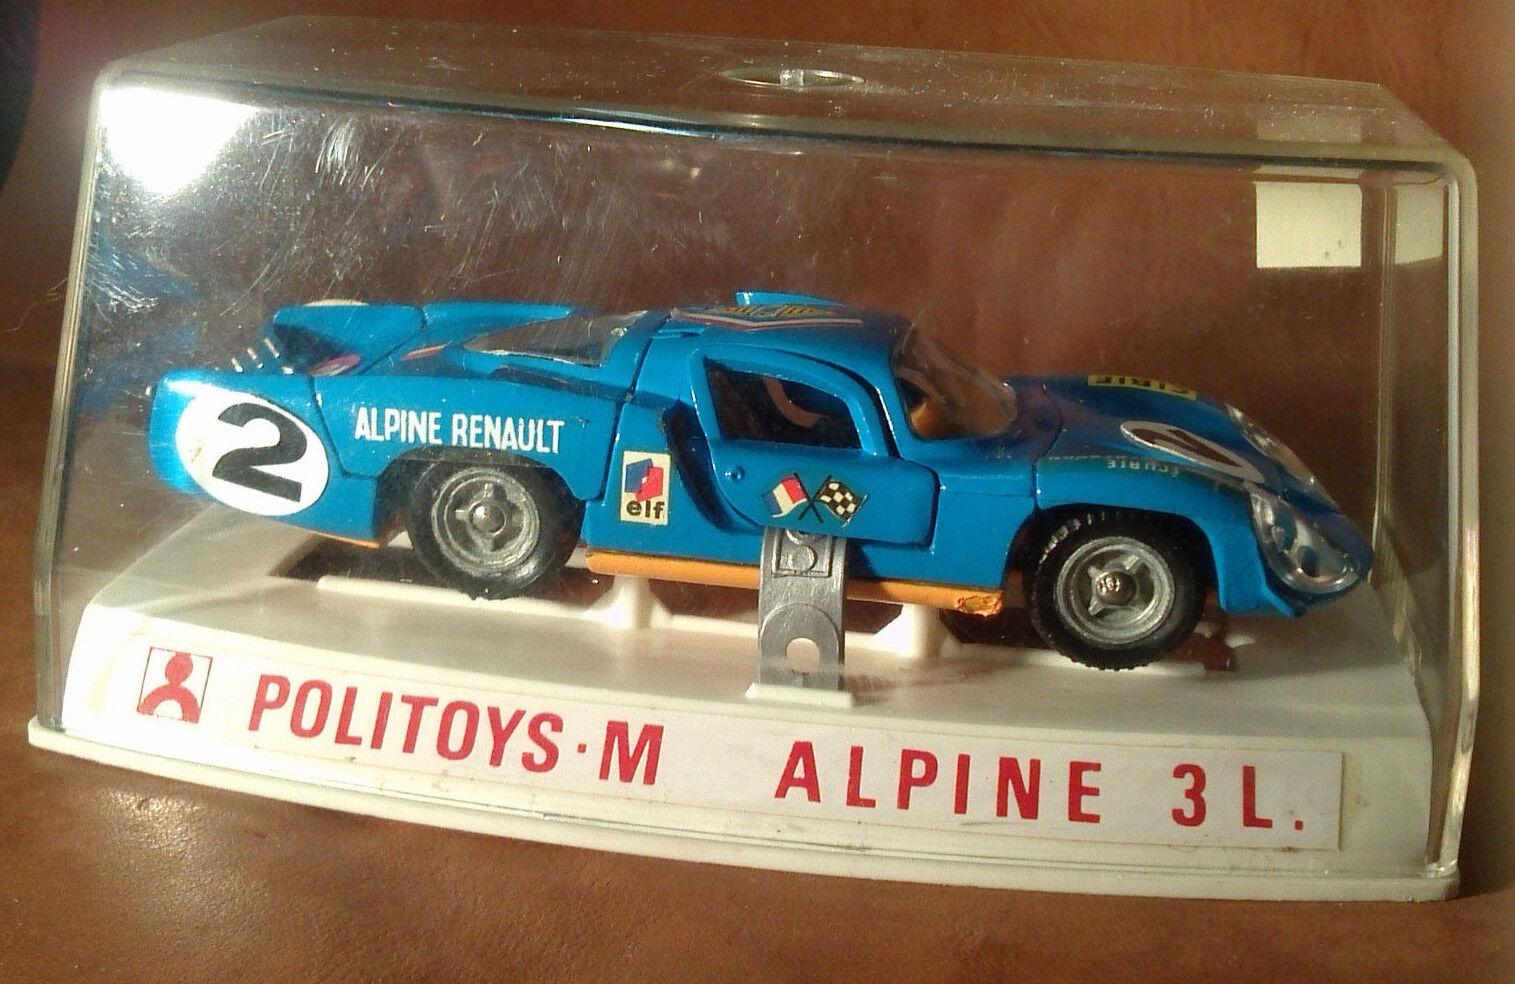 Politoys-M - ref.598 1 43 scale diecast - Alpine Renault 3L - MINT